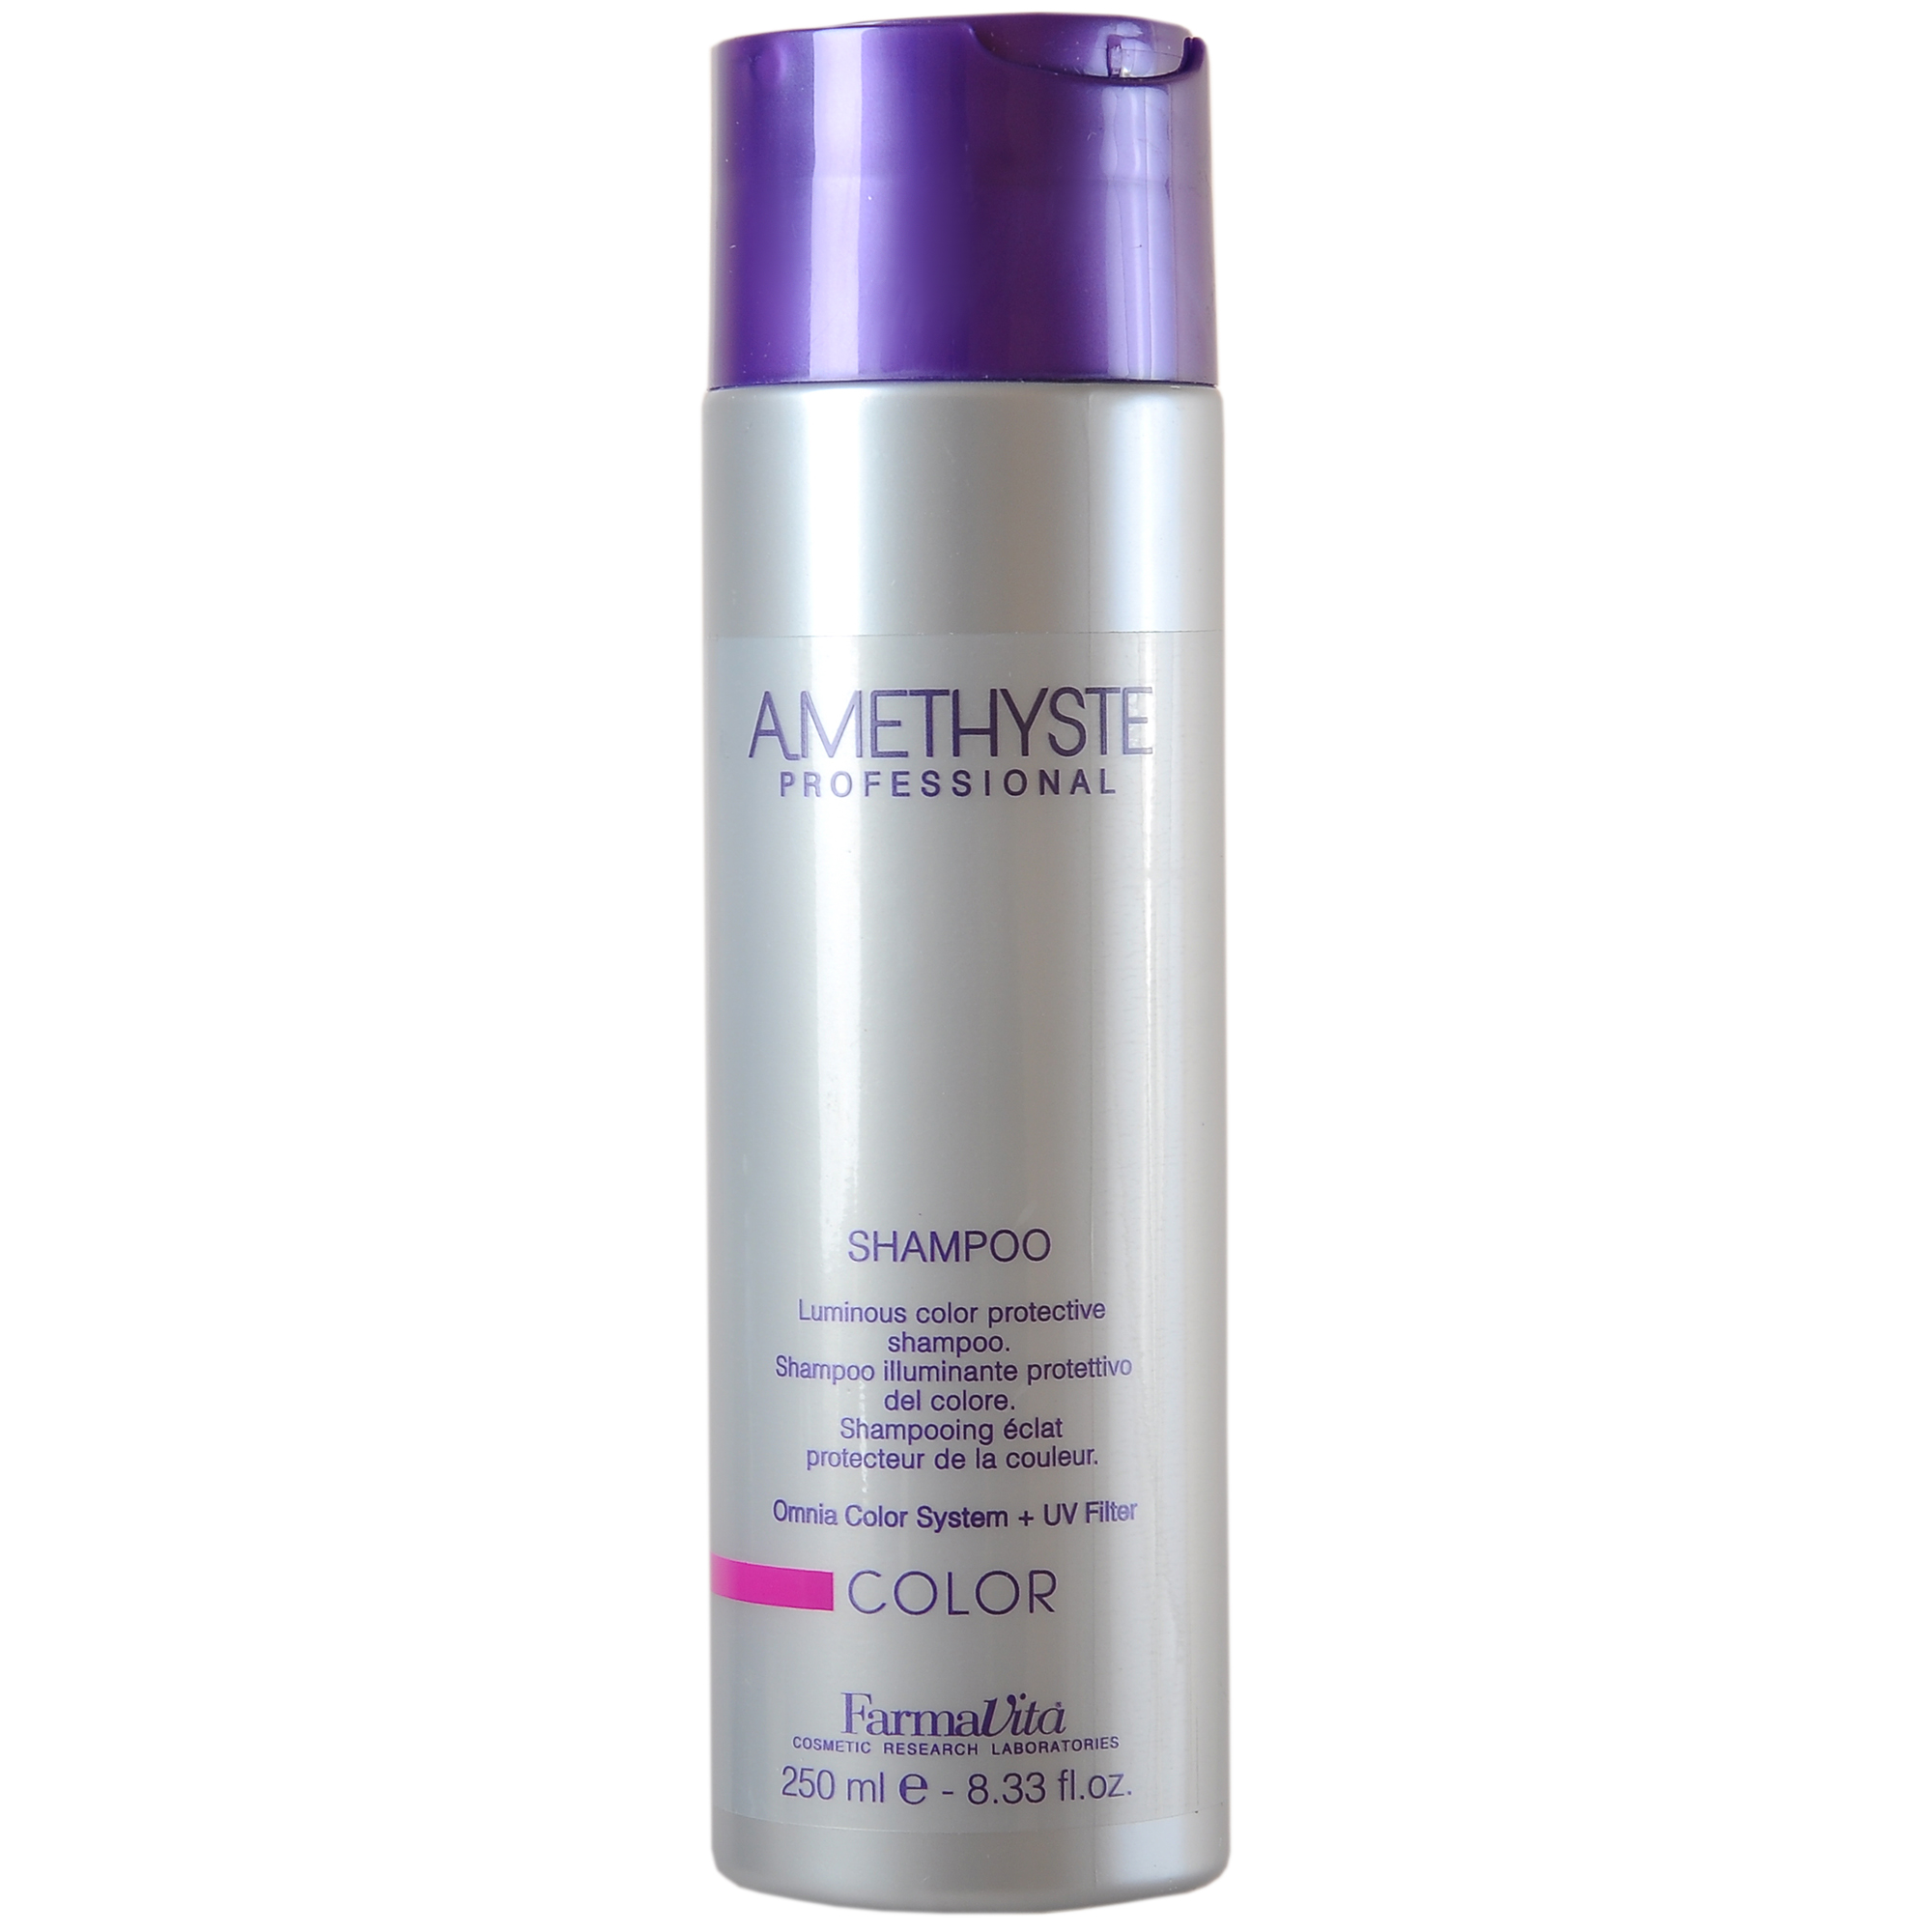 FARMAVITA Шампунь для окрашенных волос Amethyste color shampoo / AMETHYSTE PROFESSIONAL 250 мл